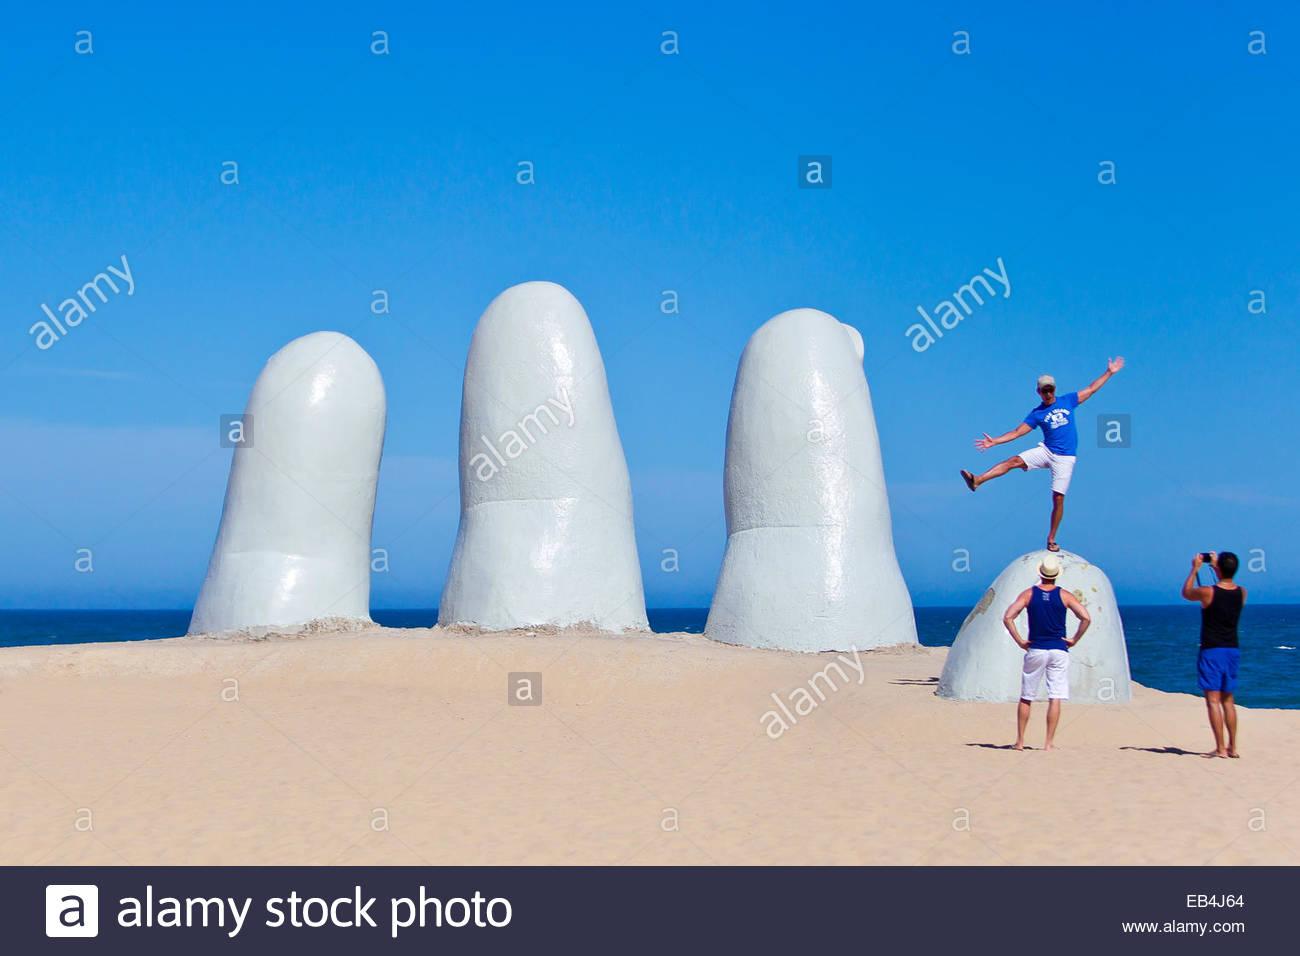 Bañistas y turistas explorando la mano o mano de Punta del Este, creado en 1982 por el artista chileno Mario Imagen De Stock